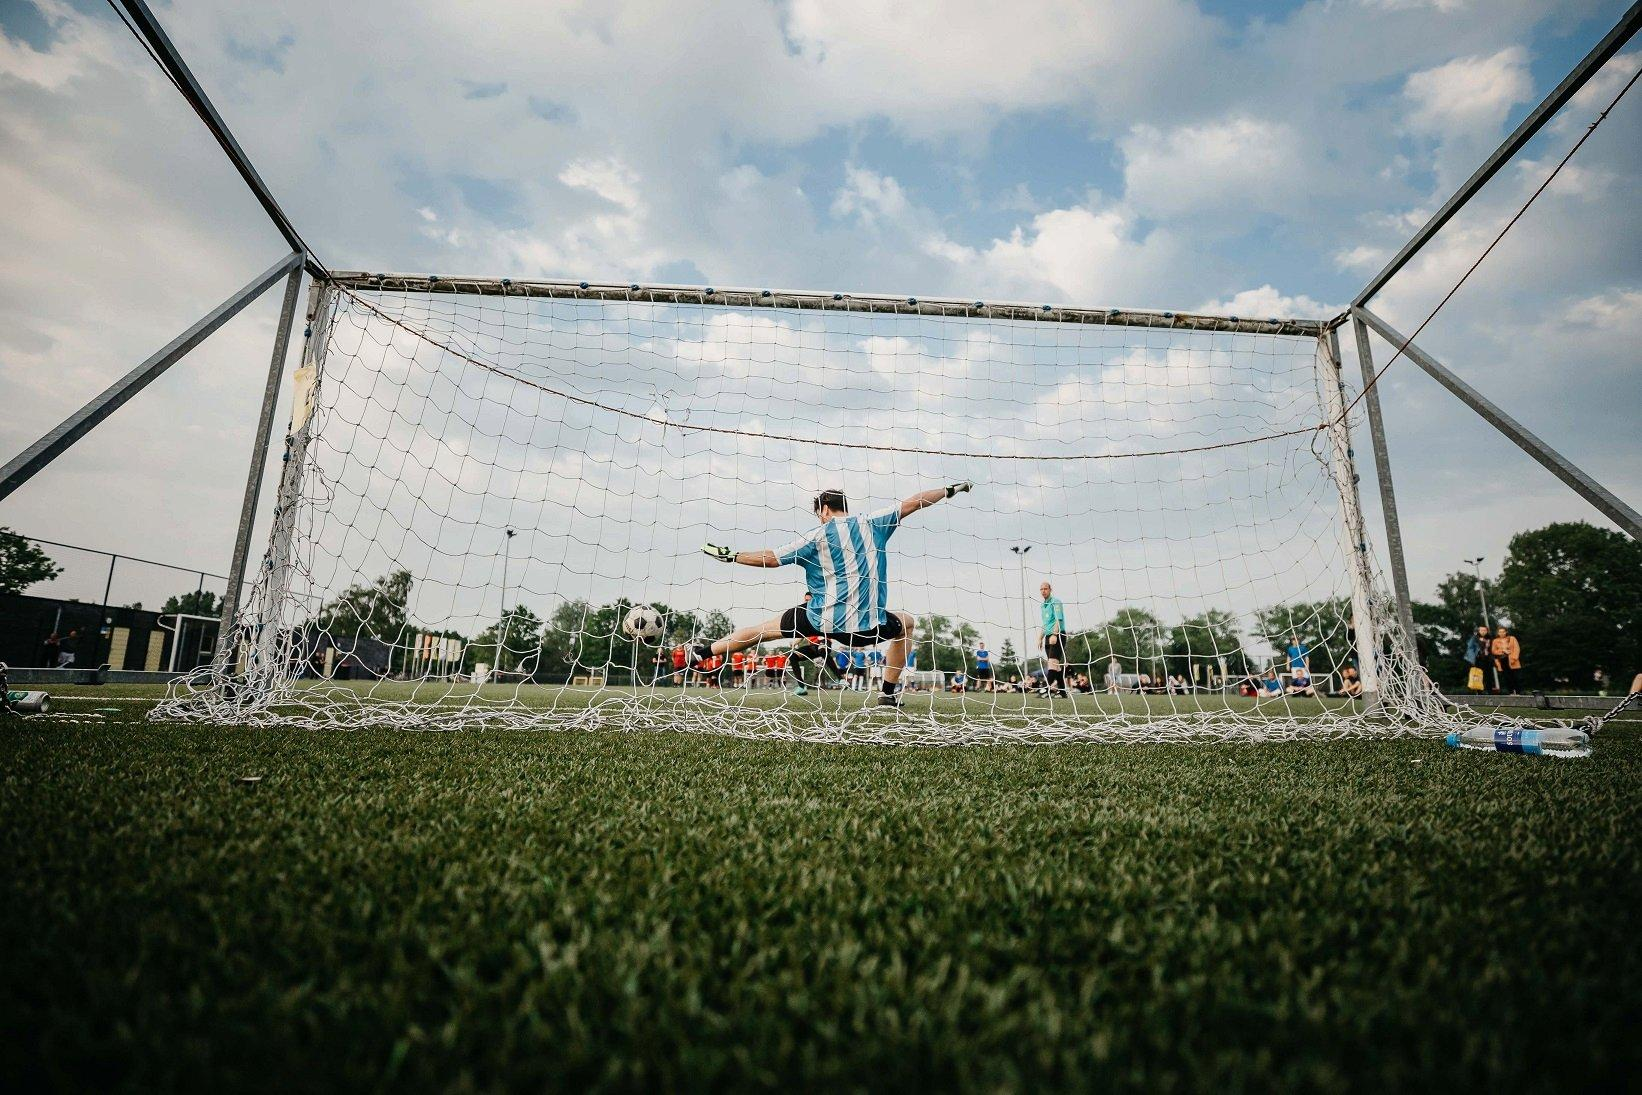 Torwart in Tor während Fußballspiel